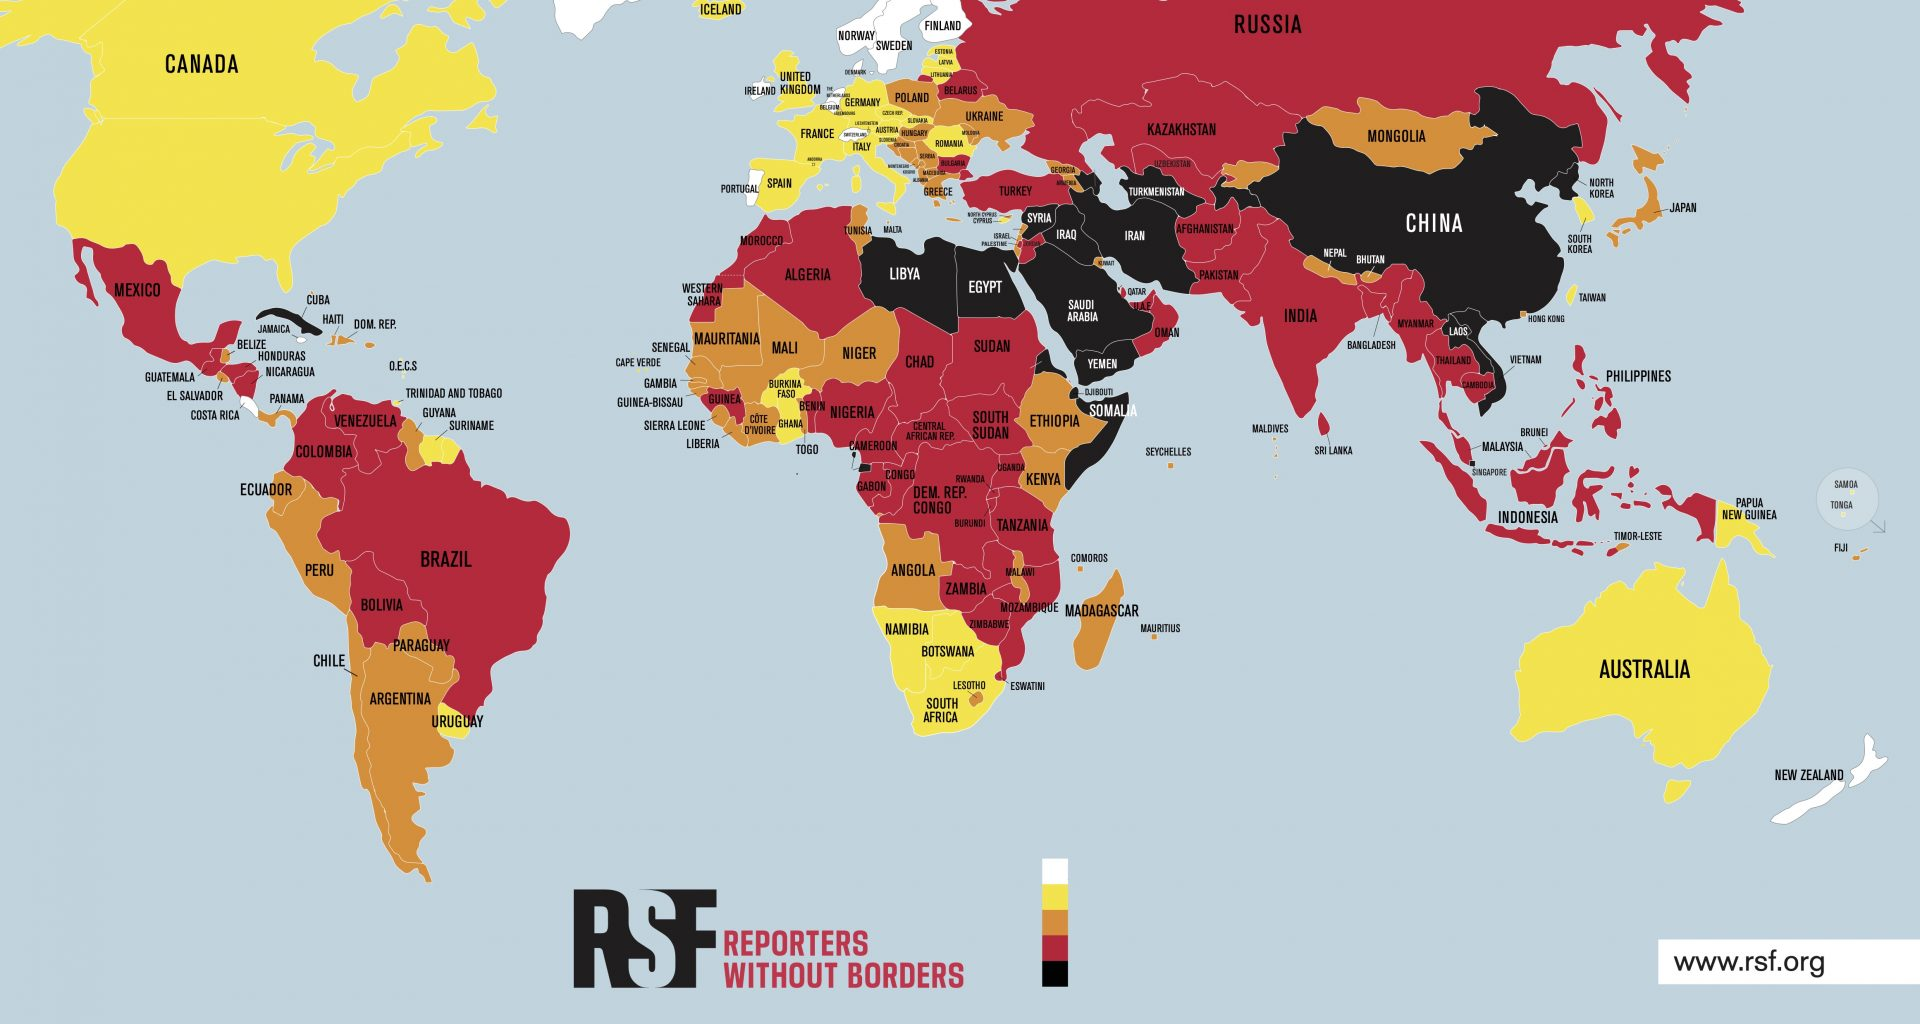 RSF'nin 2021 dünya basın özgürlüğü haritası.